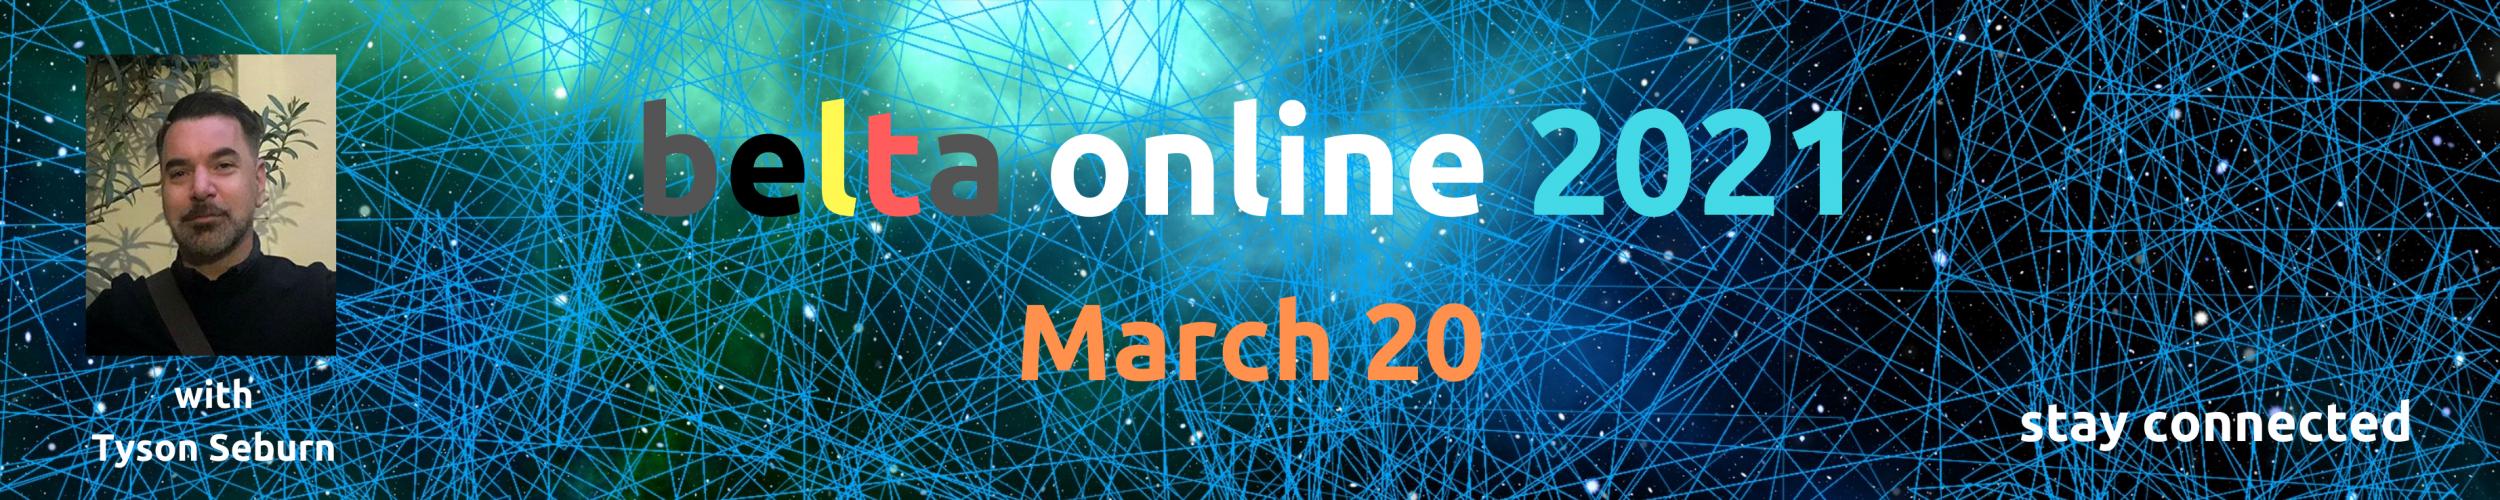 Belta DAY Online 2021